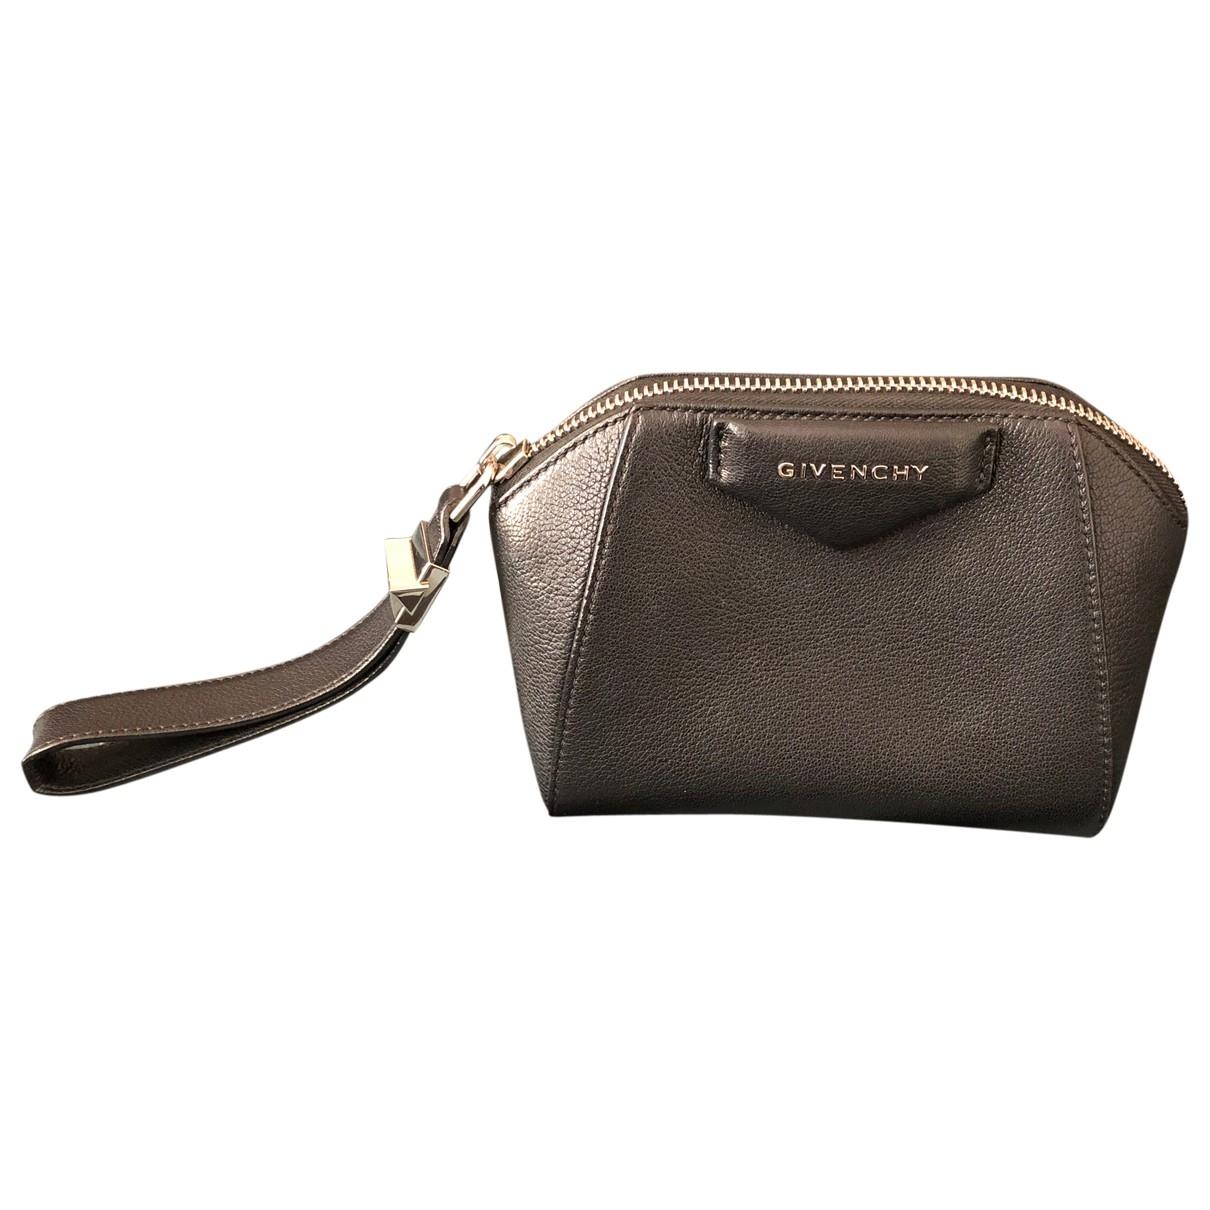 Givenchy - Pochette   pour femme en cuir - metallise